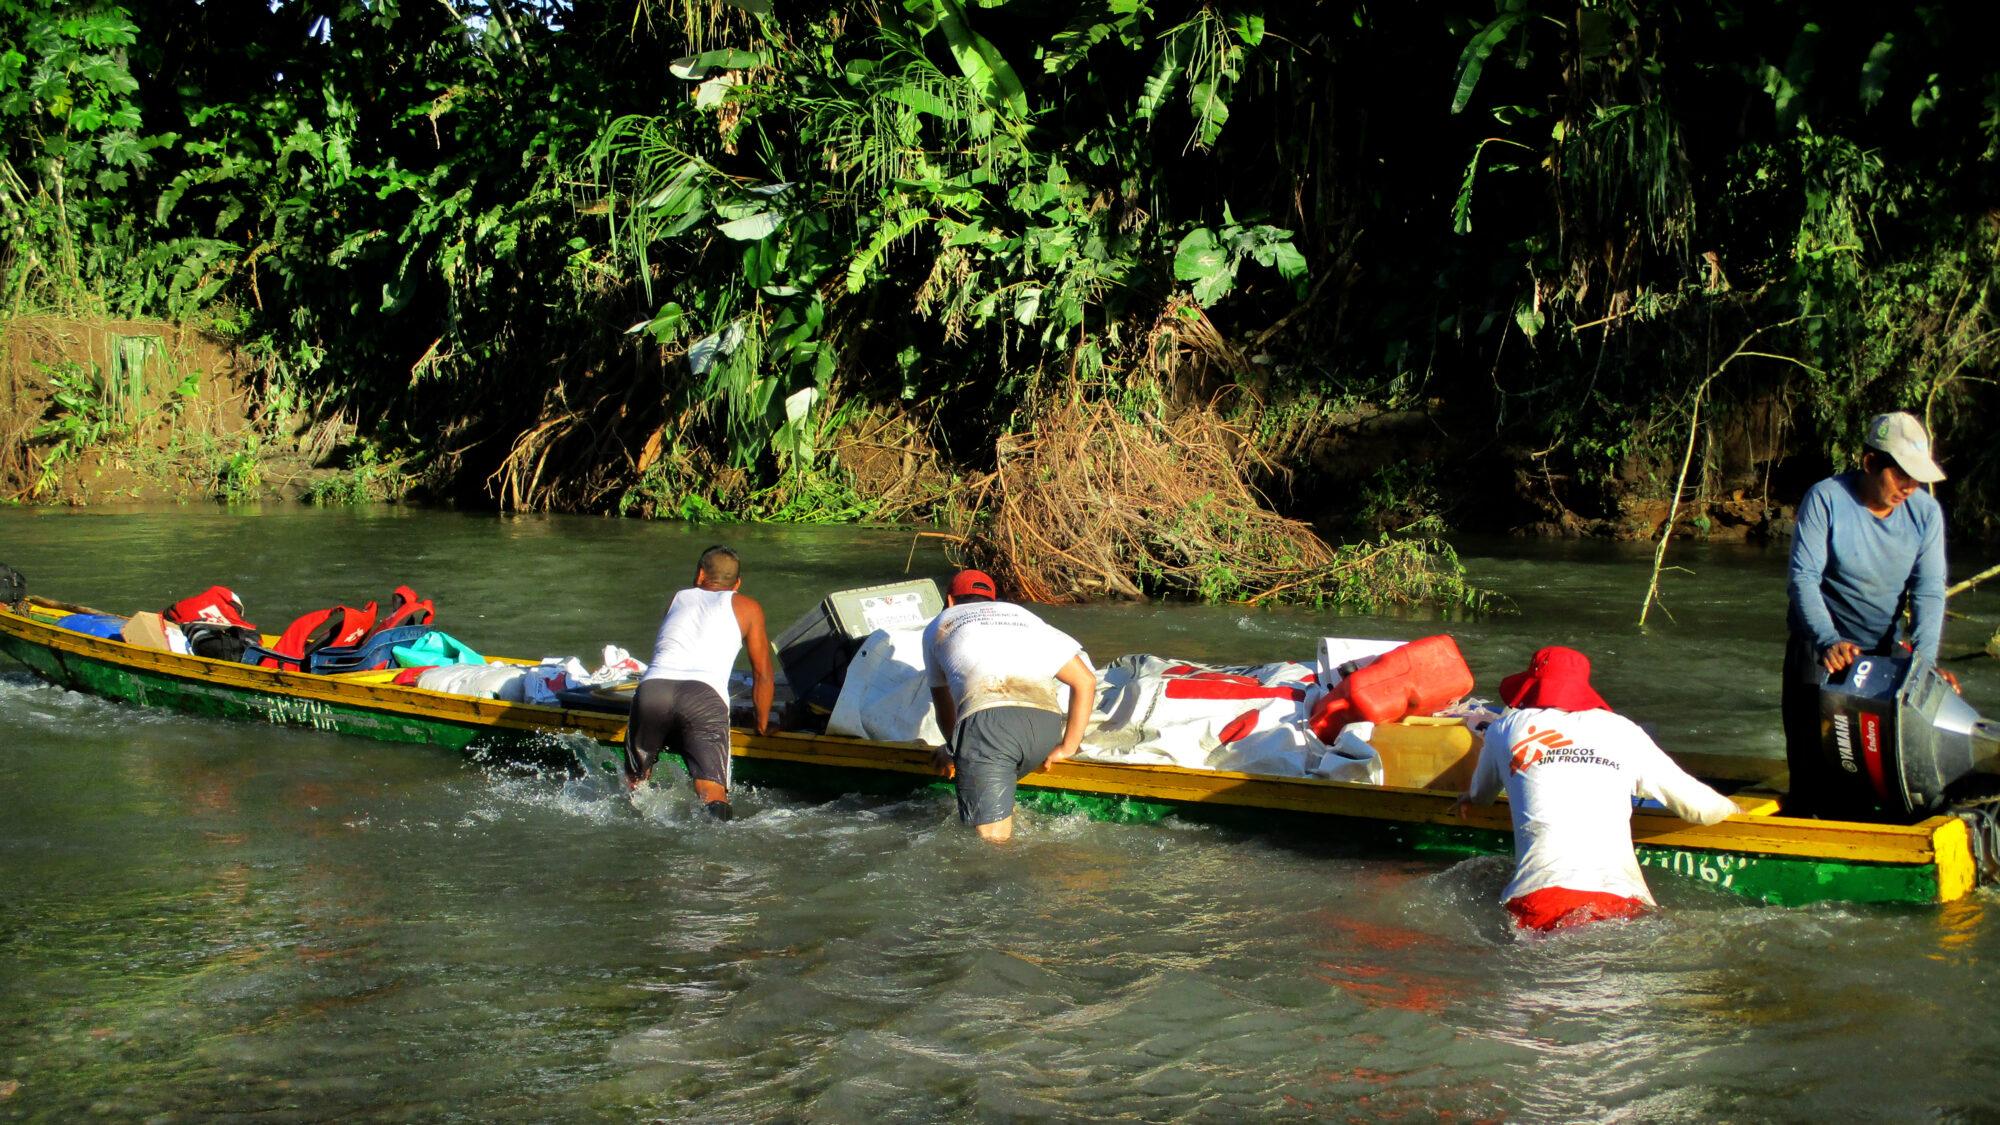 Järjestömme työntekijät kahlaavat matalikossa ja työntävät venettä, joka on täynnä tarvikkeita.